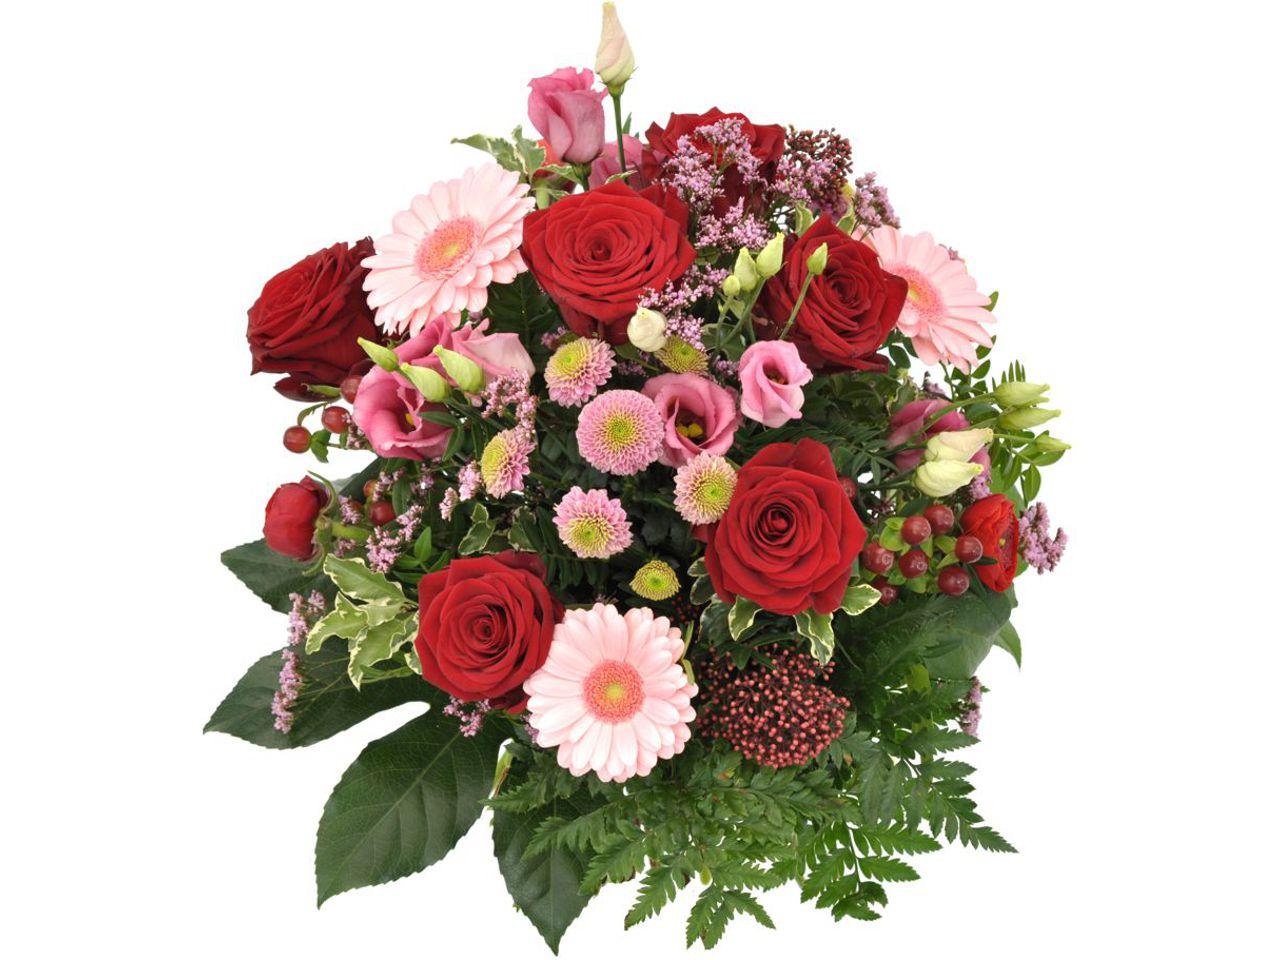 Blumenstrauss%20Valentinstag%20Premium.jpg